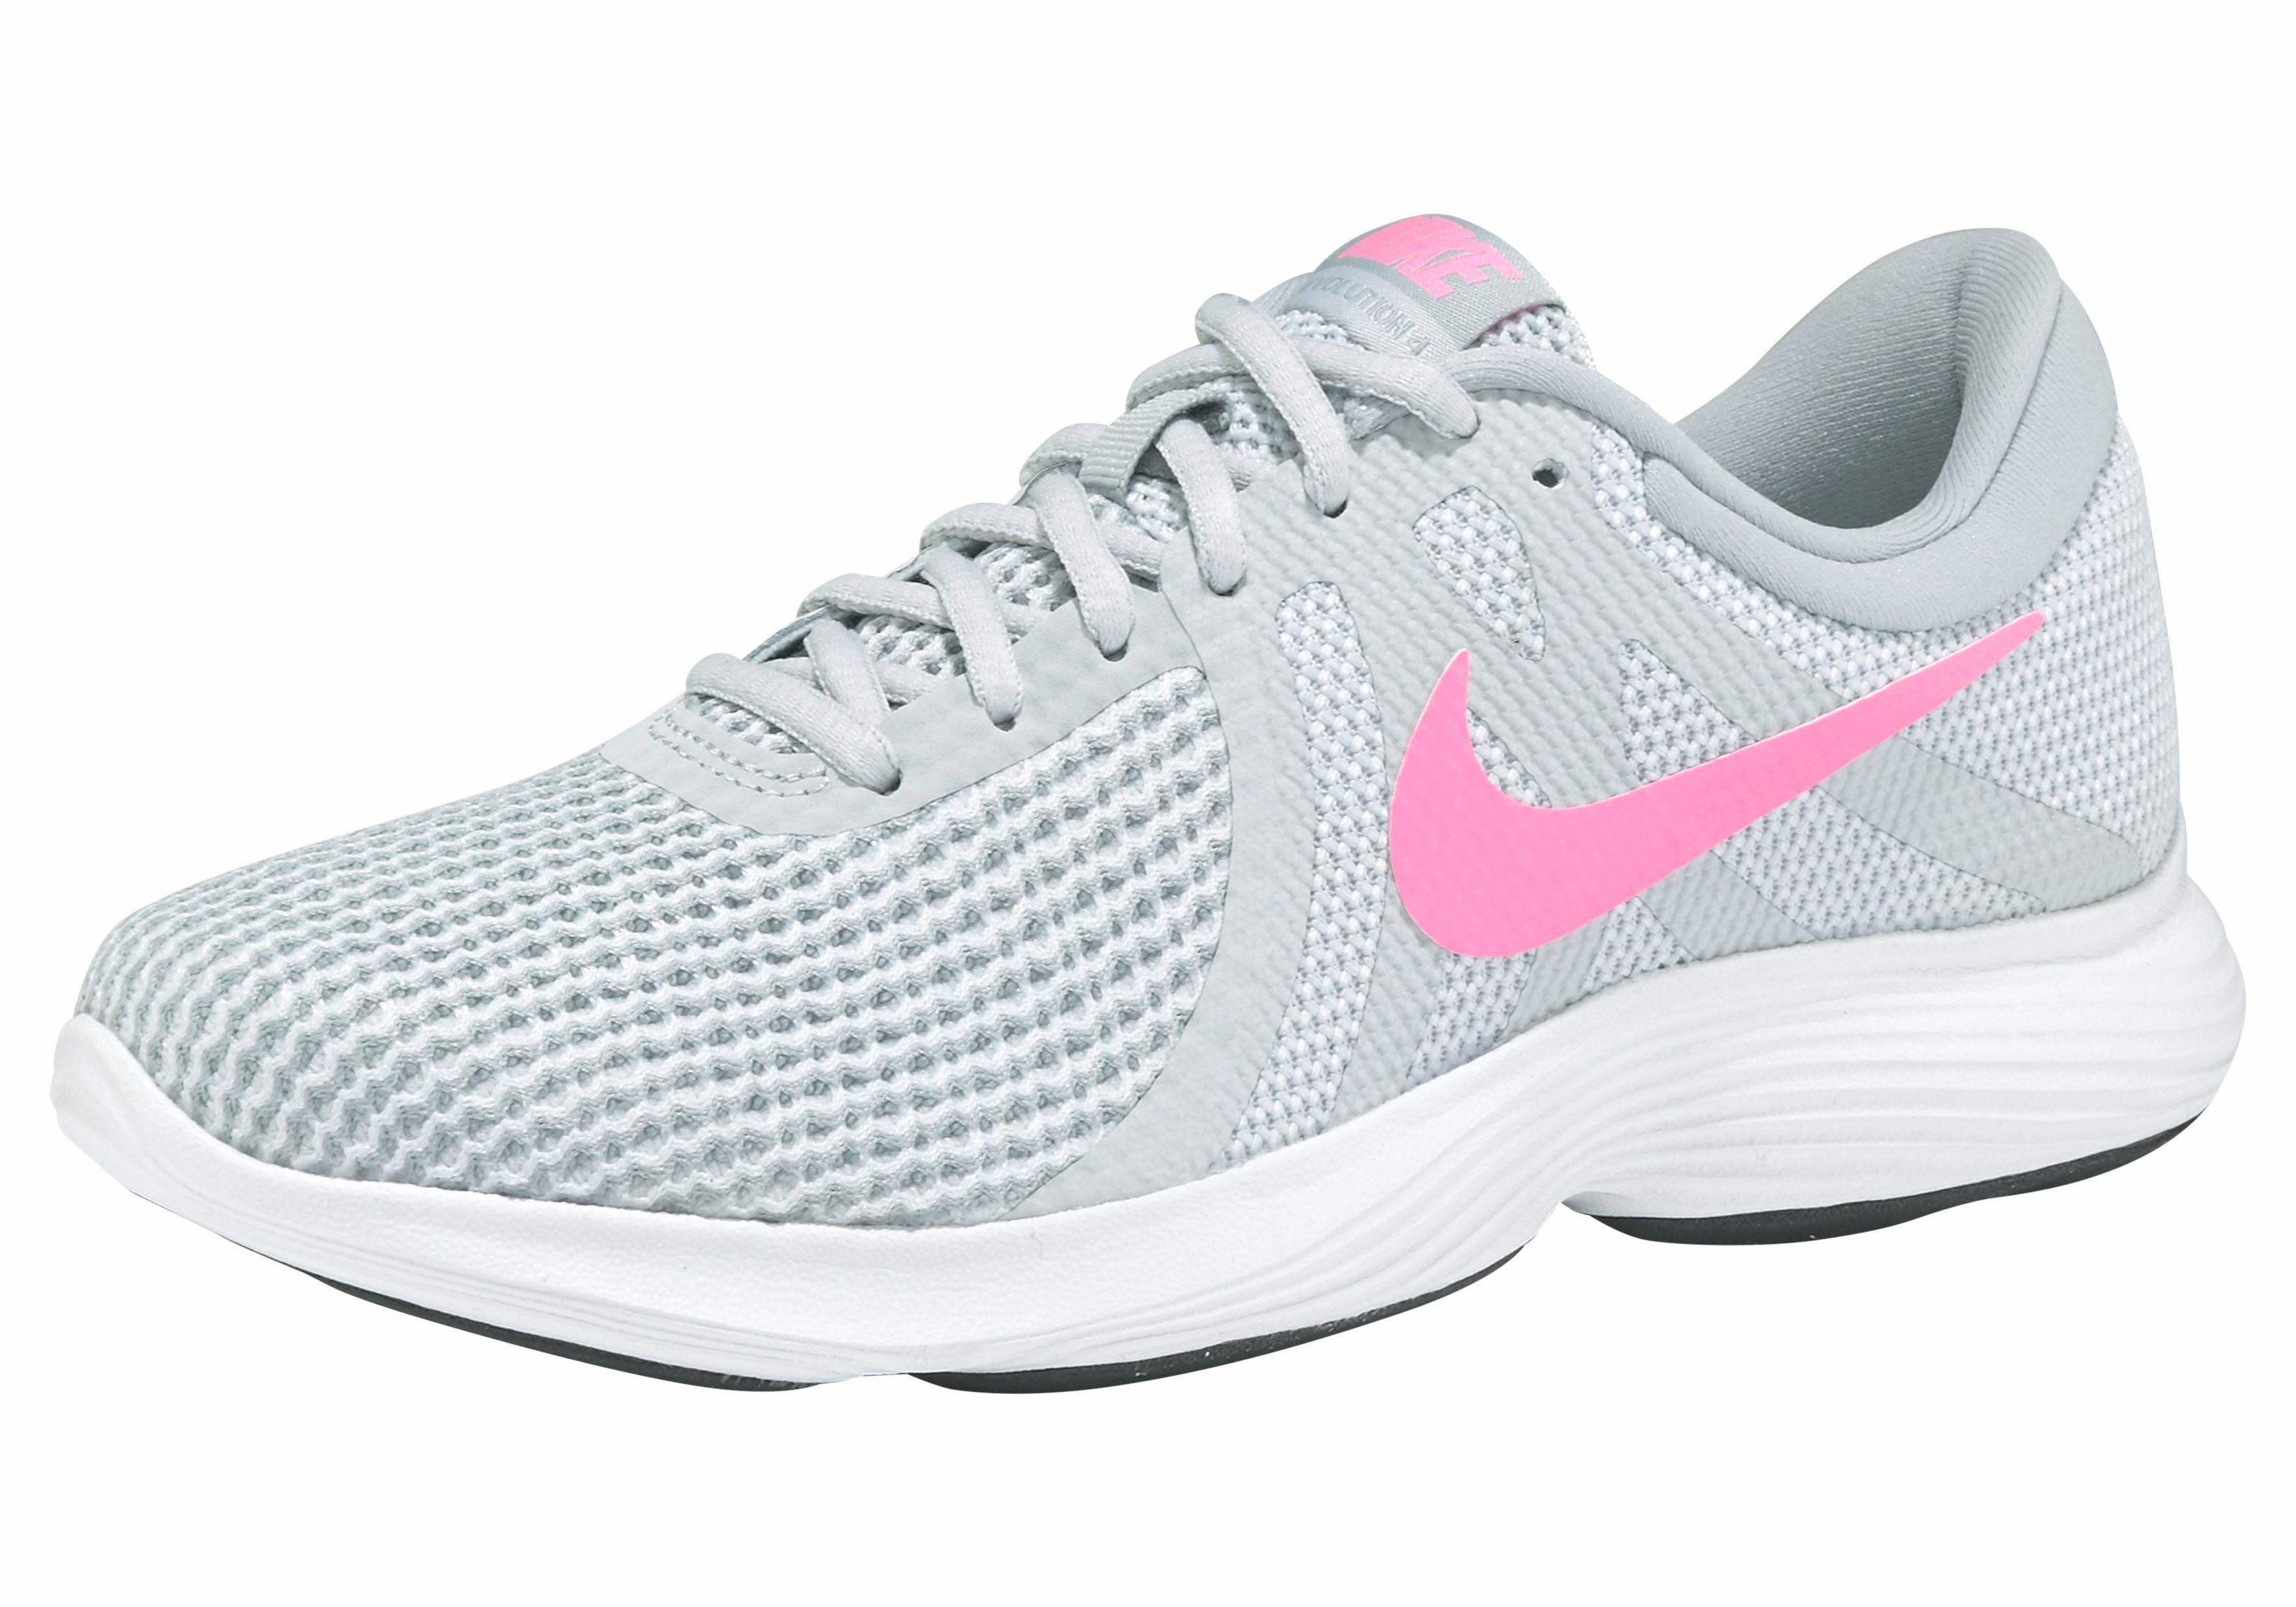 Nike »Wmns Revolution 4« Laufschuh online kaufen | OTTO